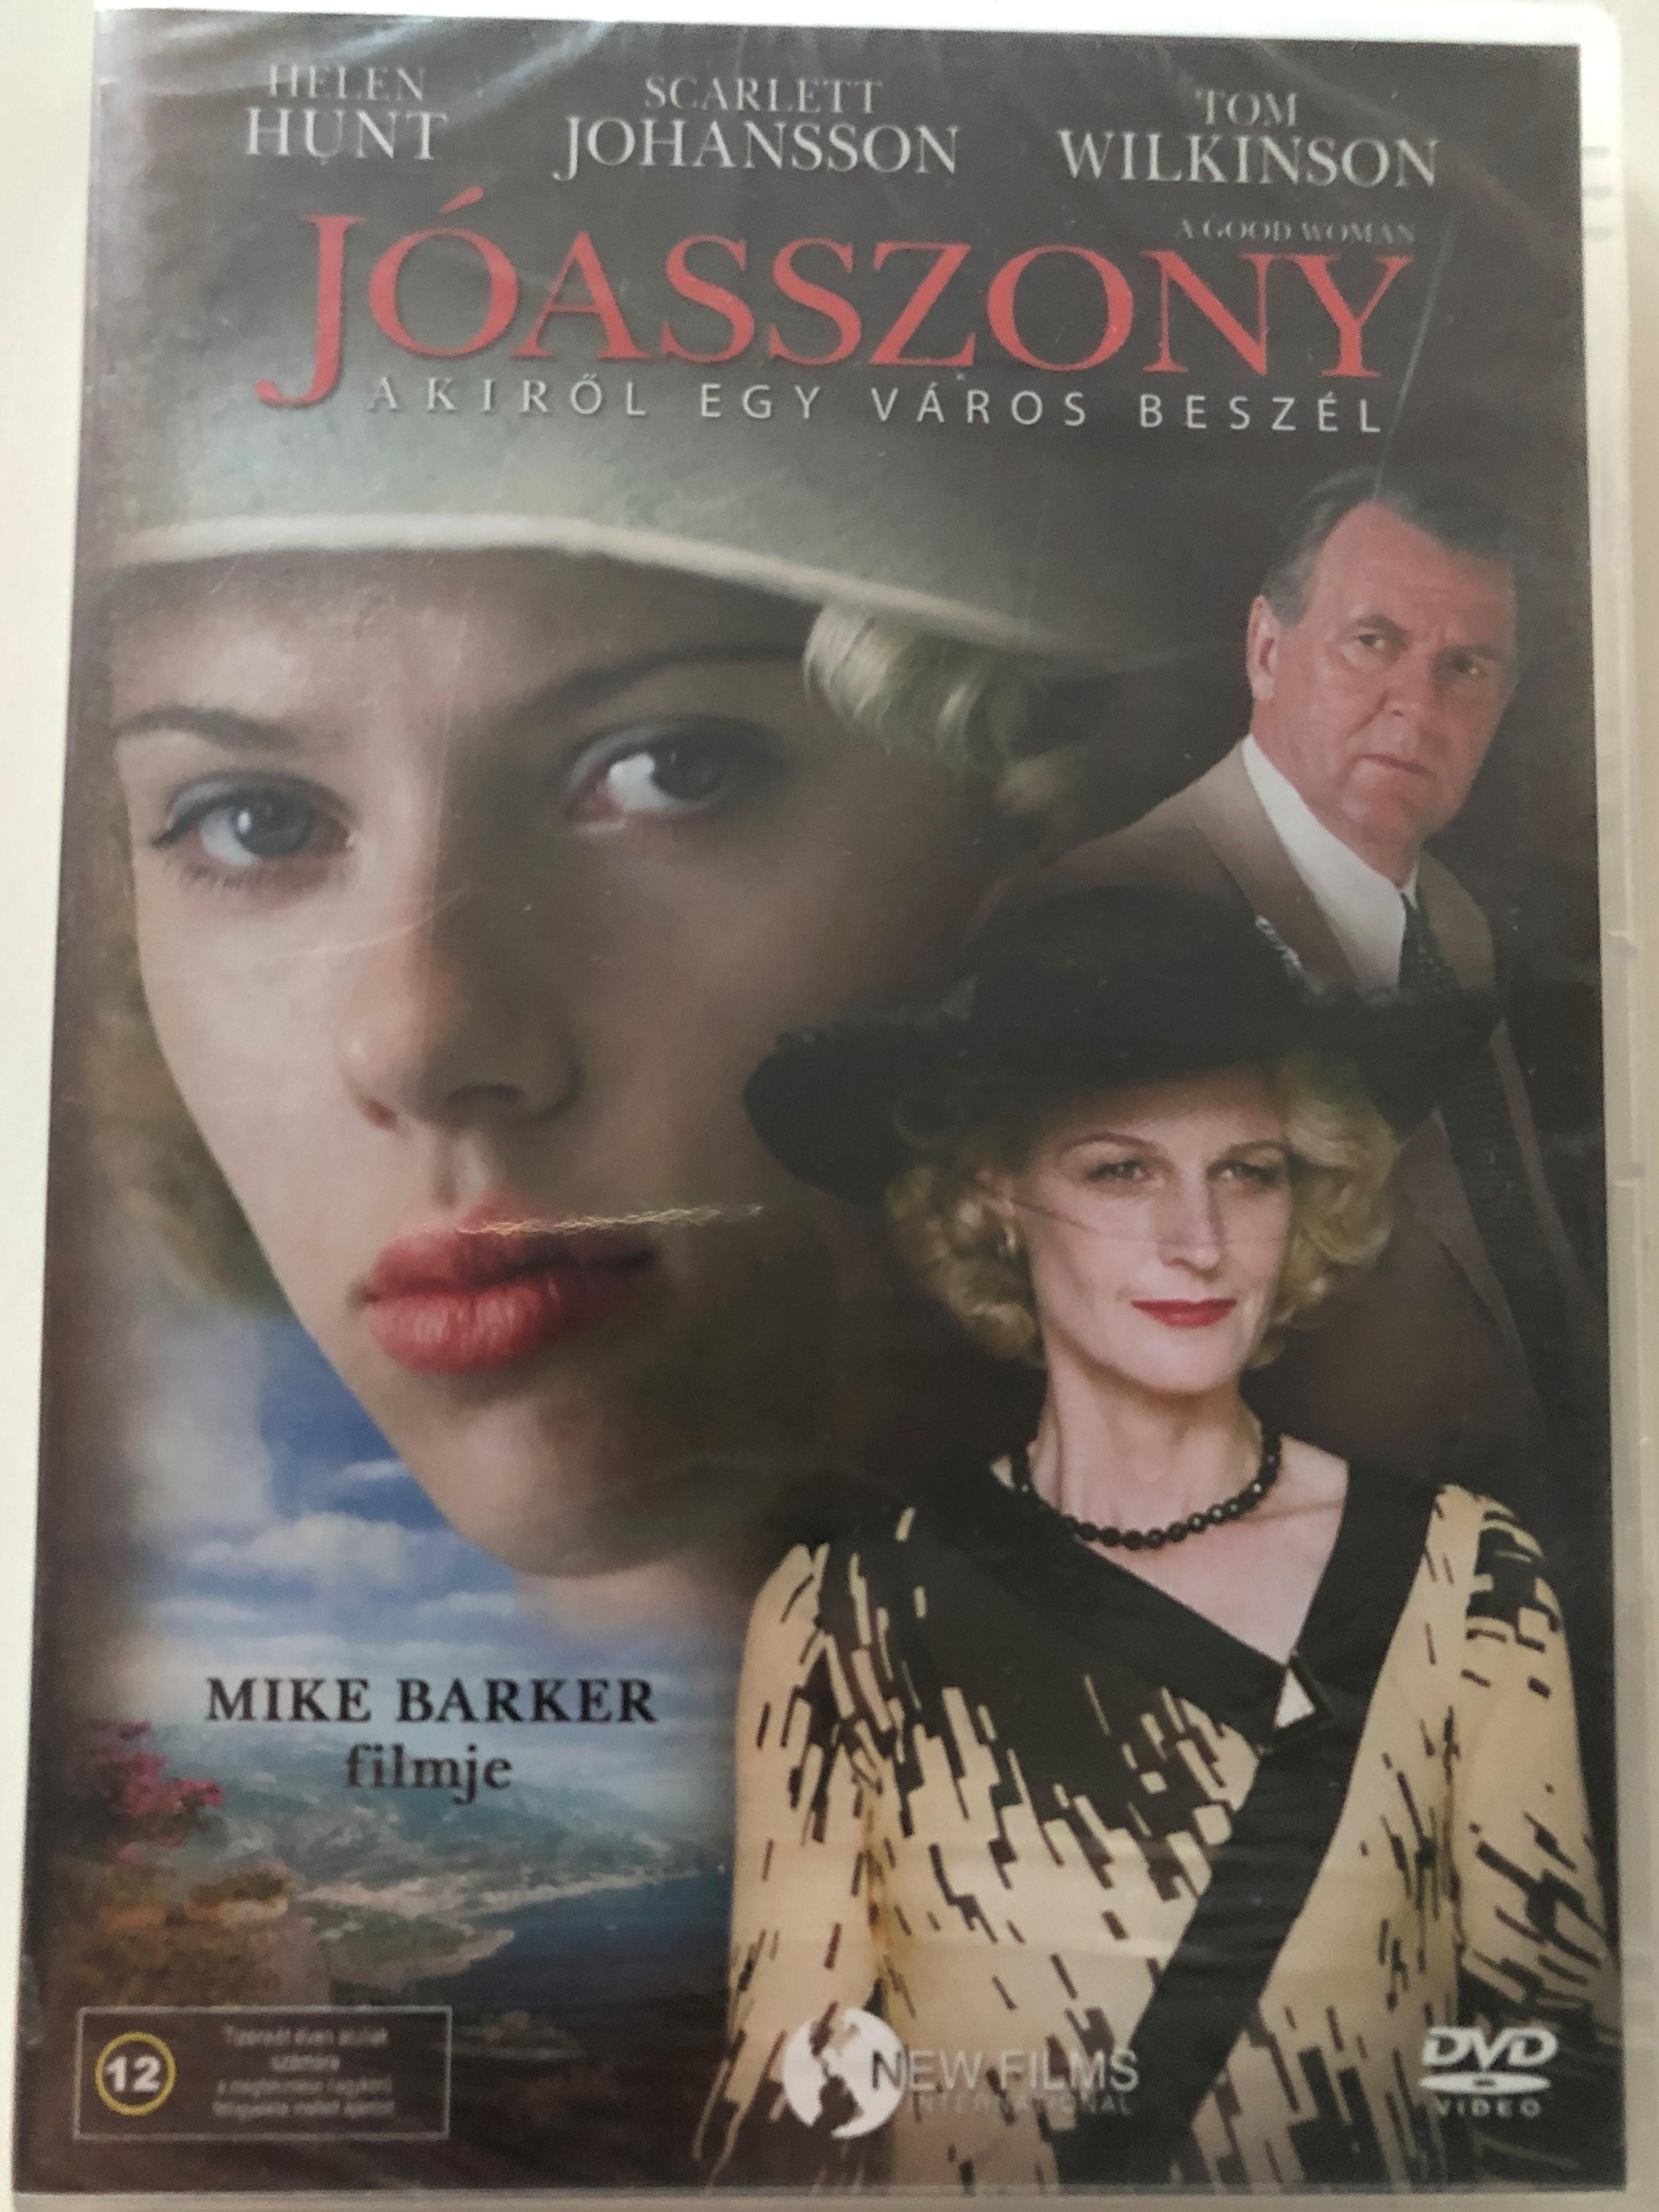 a-good-woman-dvd-2004-j-asszony-akir-l-egy-v-ros-besz-l-1.jpg